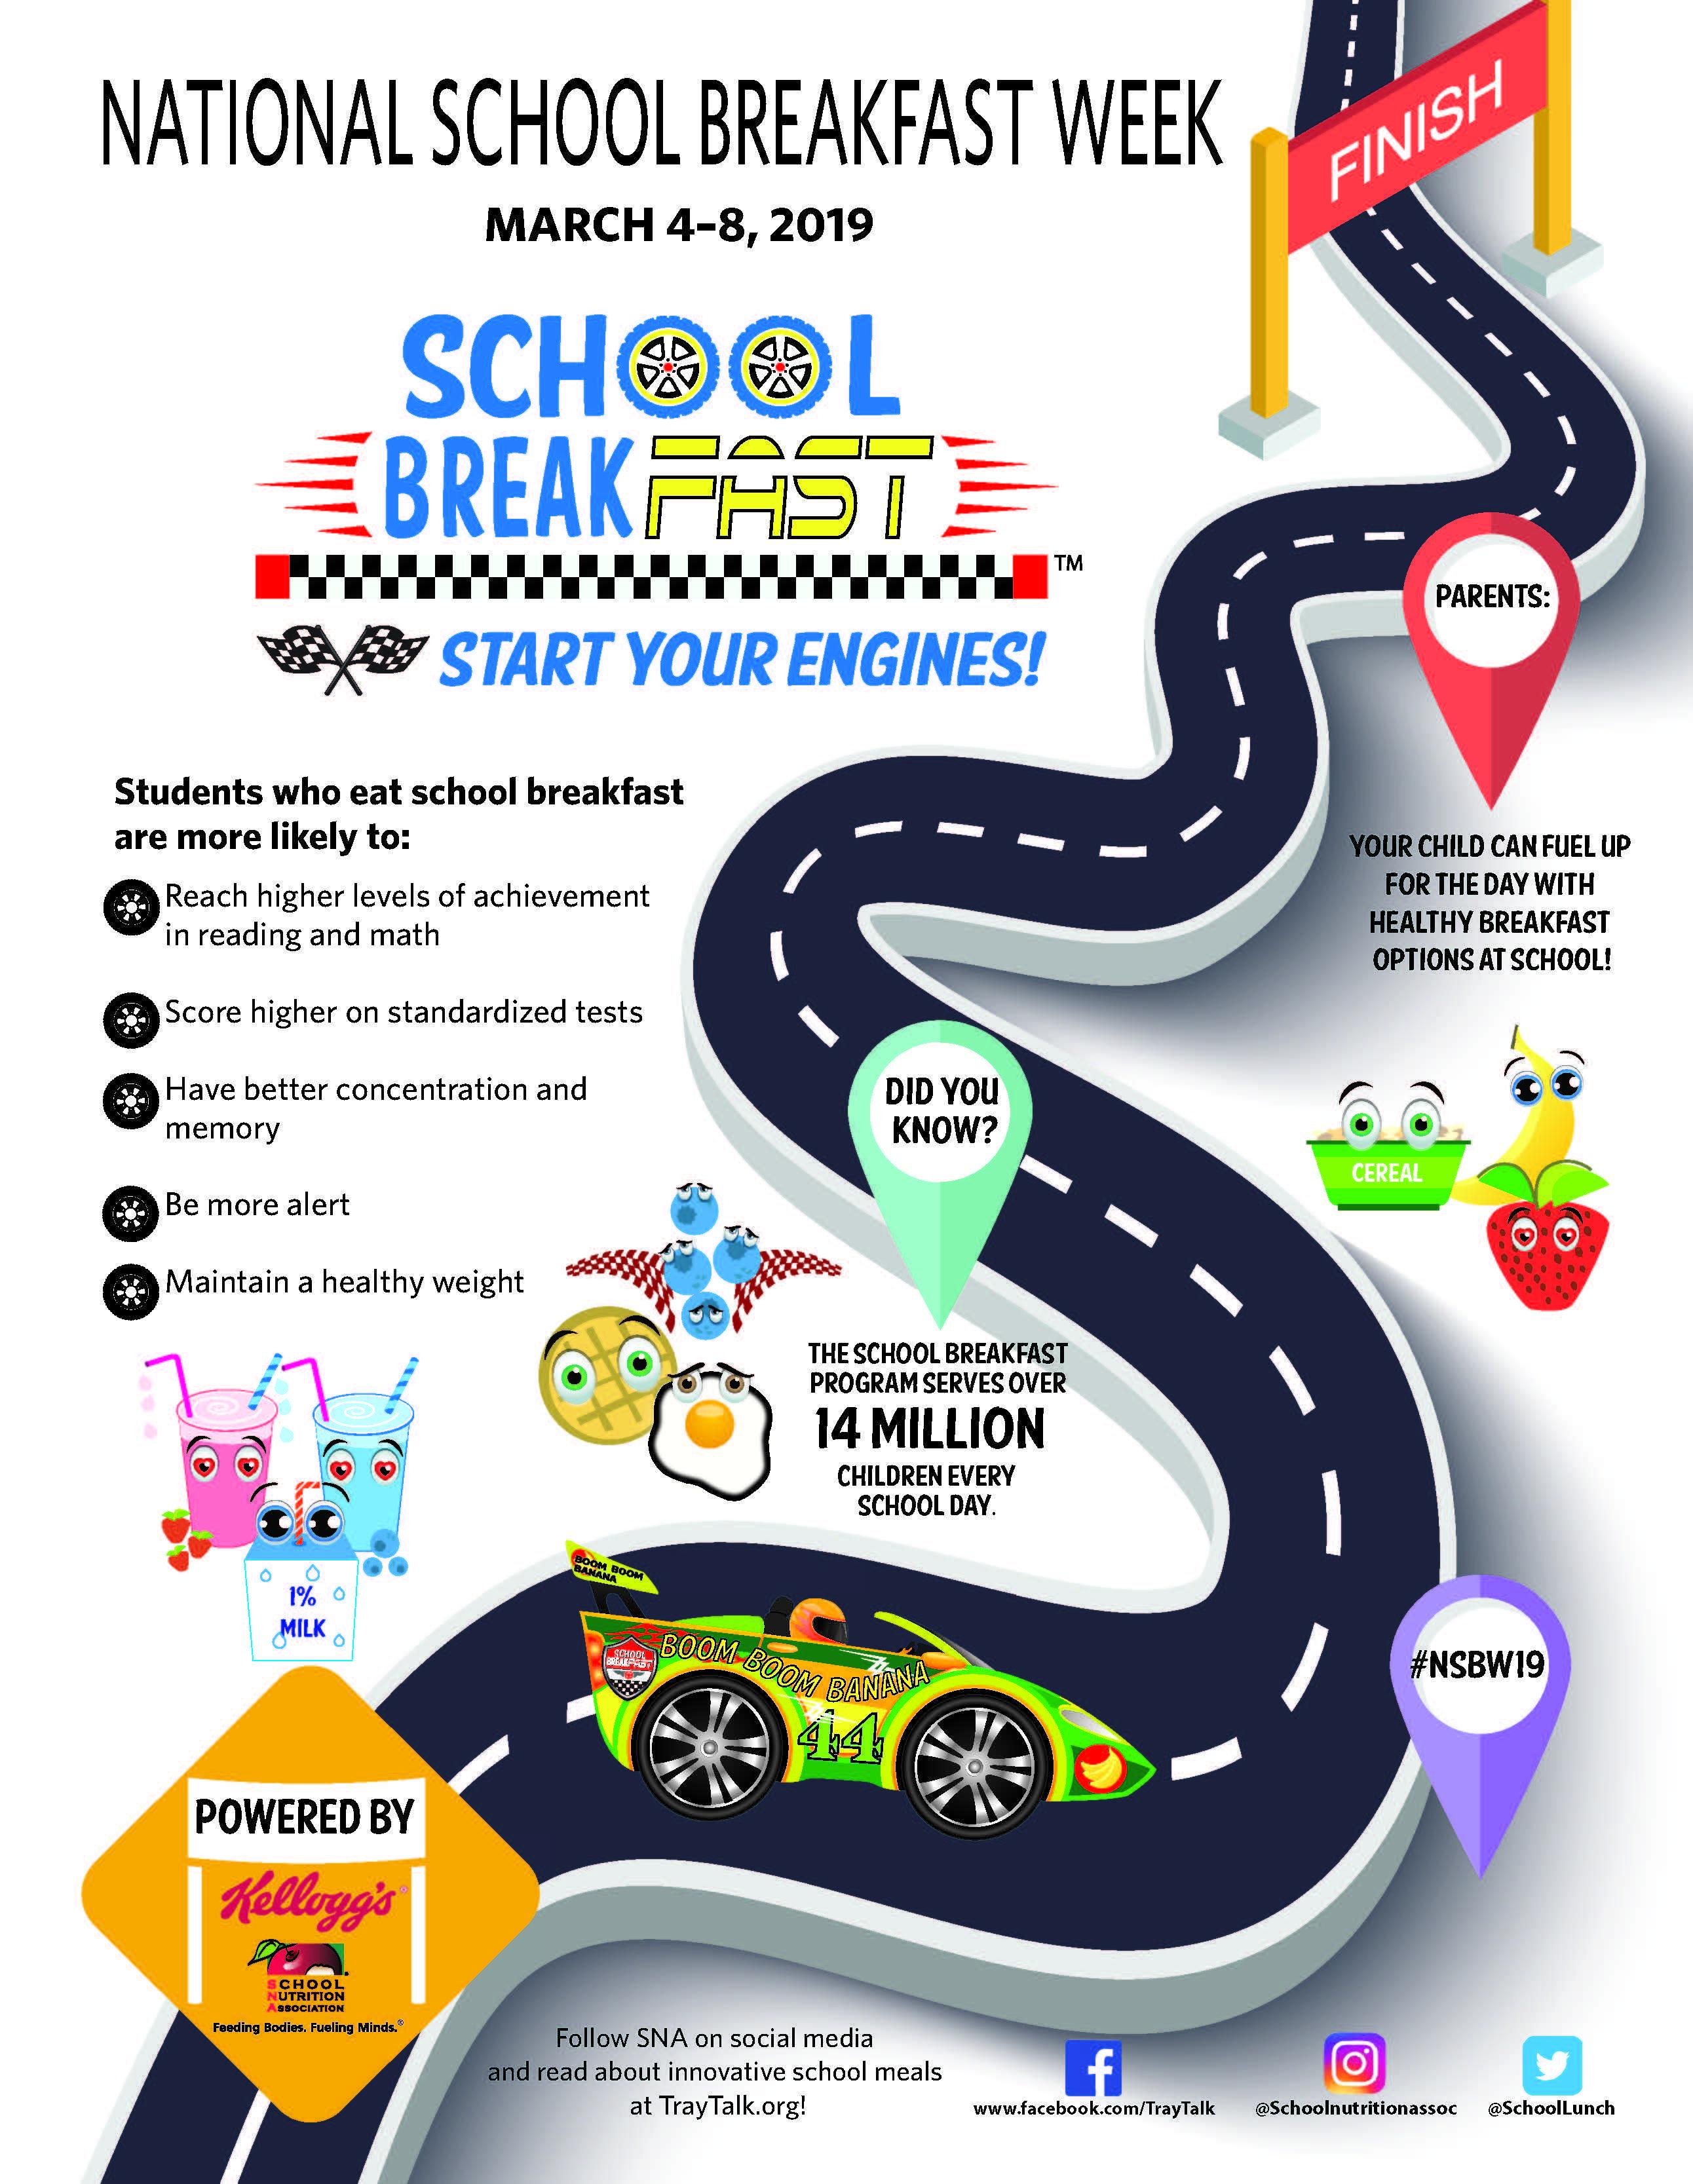 National School Breakfast Week, March 4-8, 2019